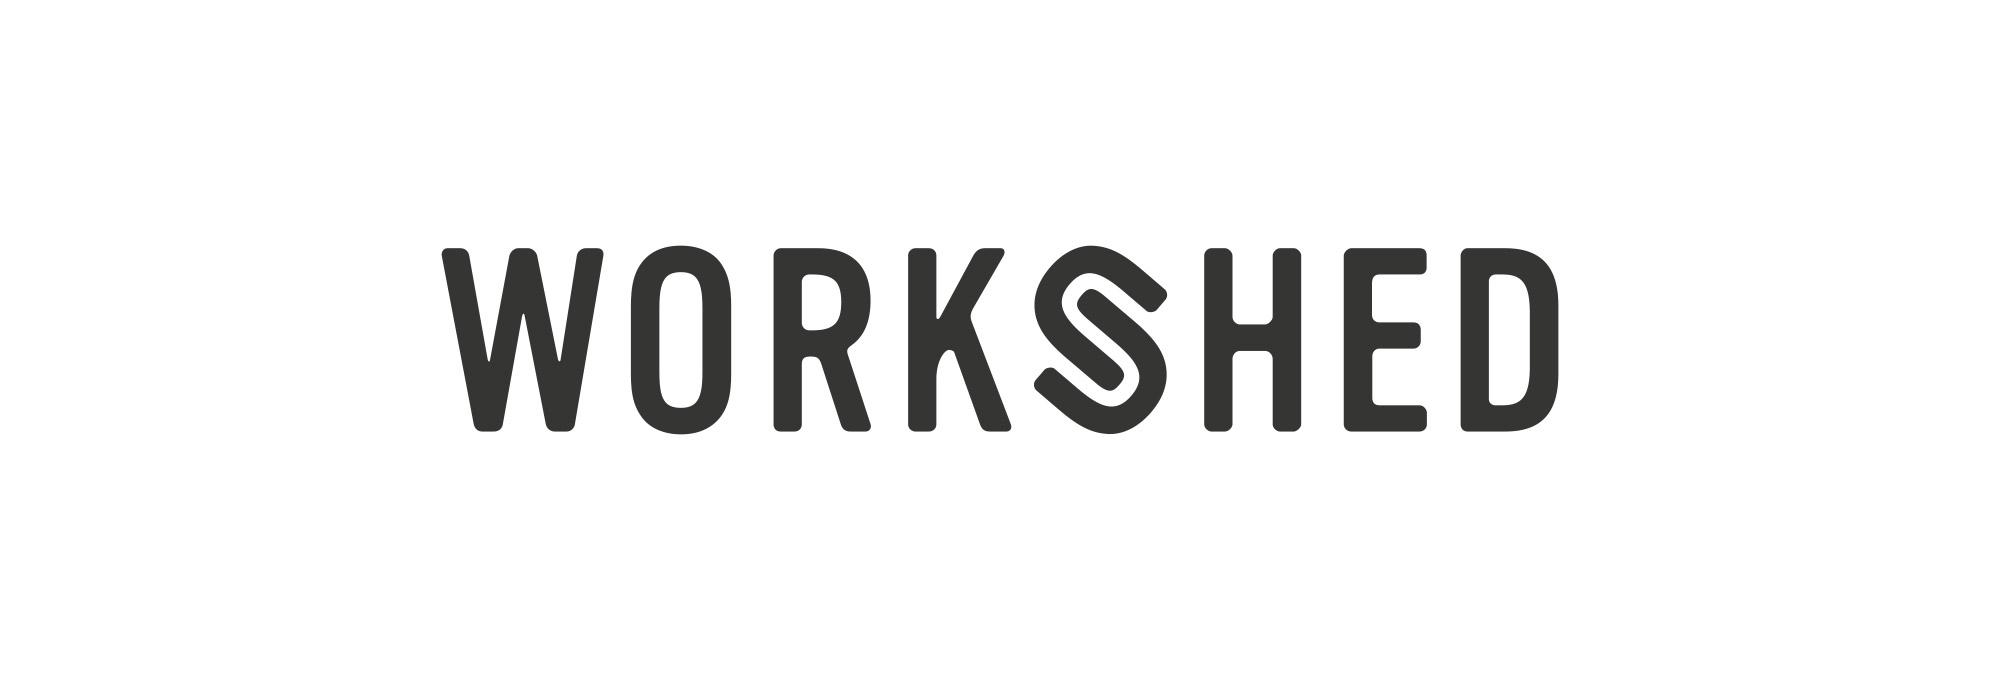 workshed logo design